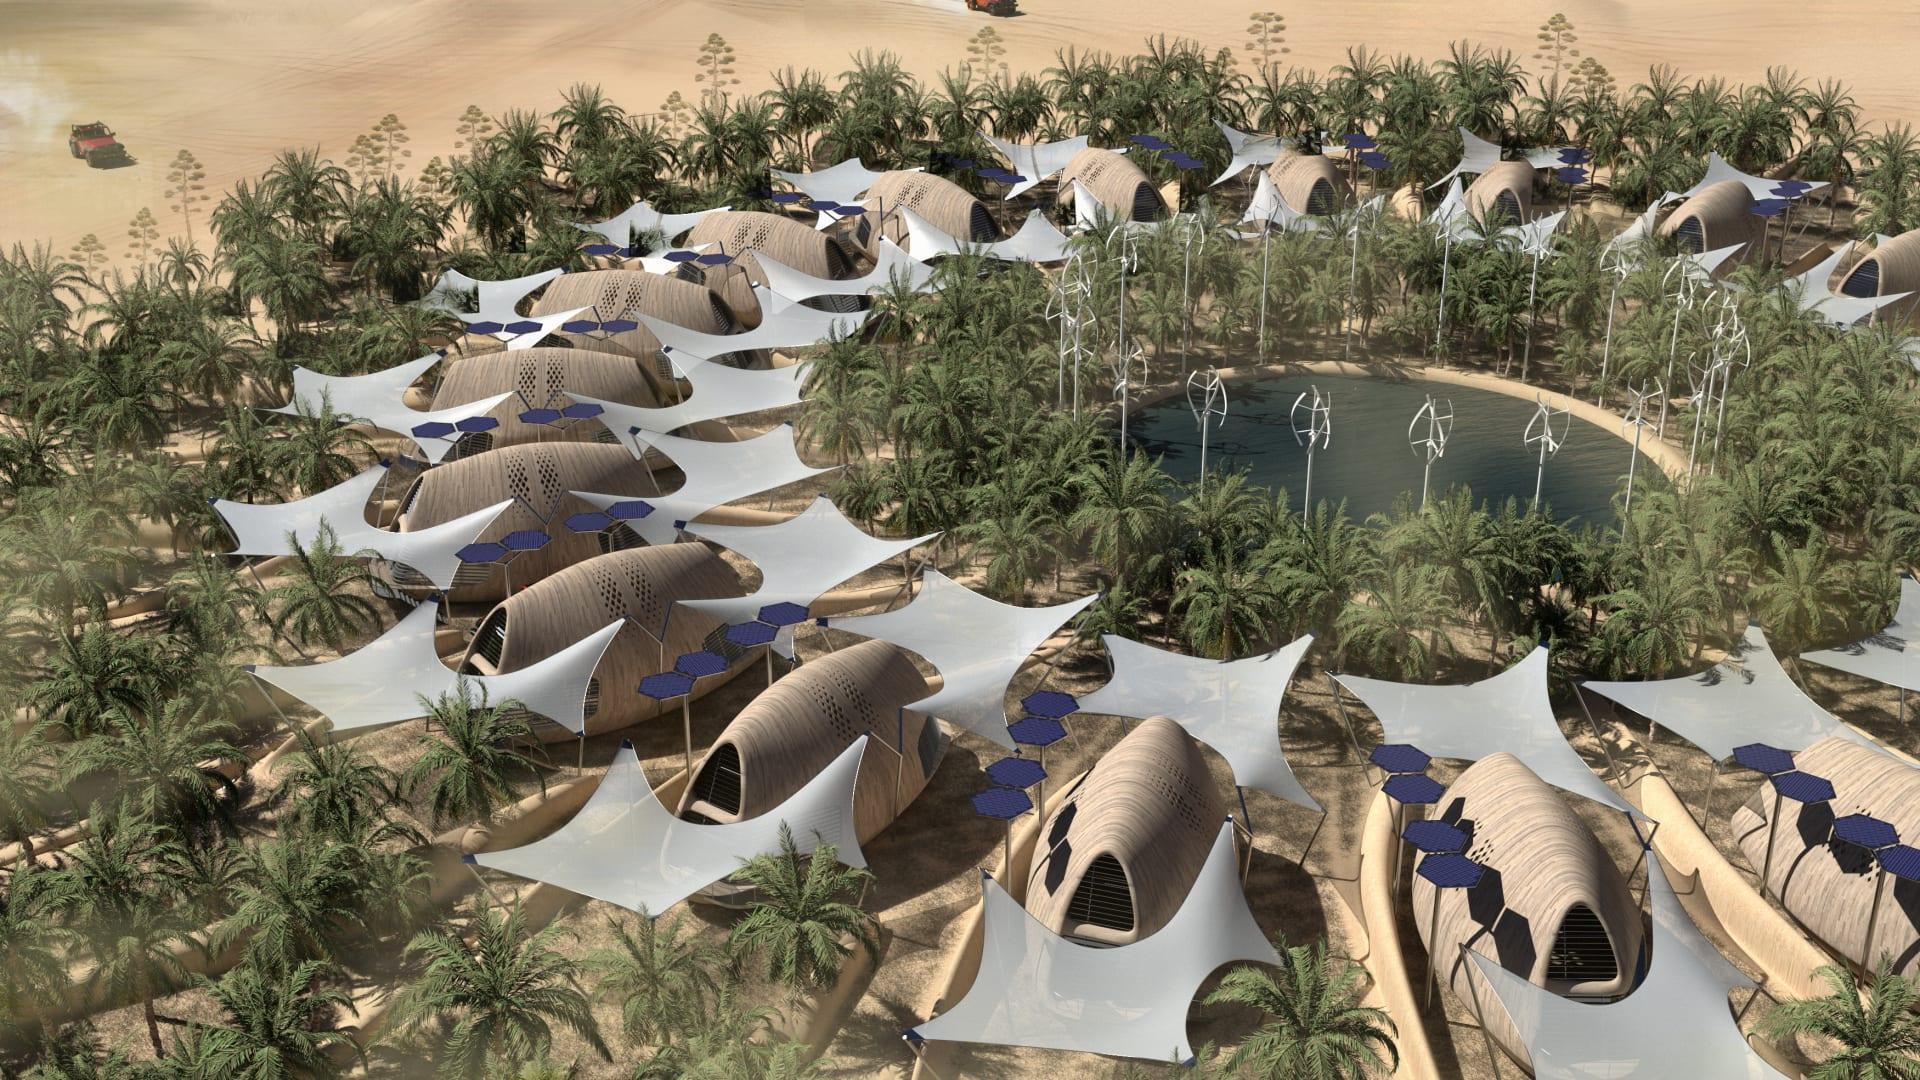 تبدو كواحة وسط الصحراء.. هل تشكل هذه المقصورات الحيوية الحل لمواجهة الطقس المتطرف؟